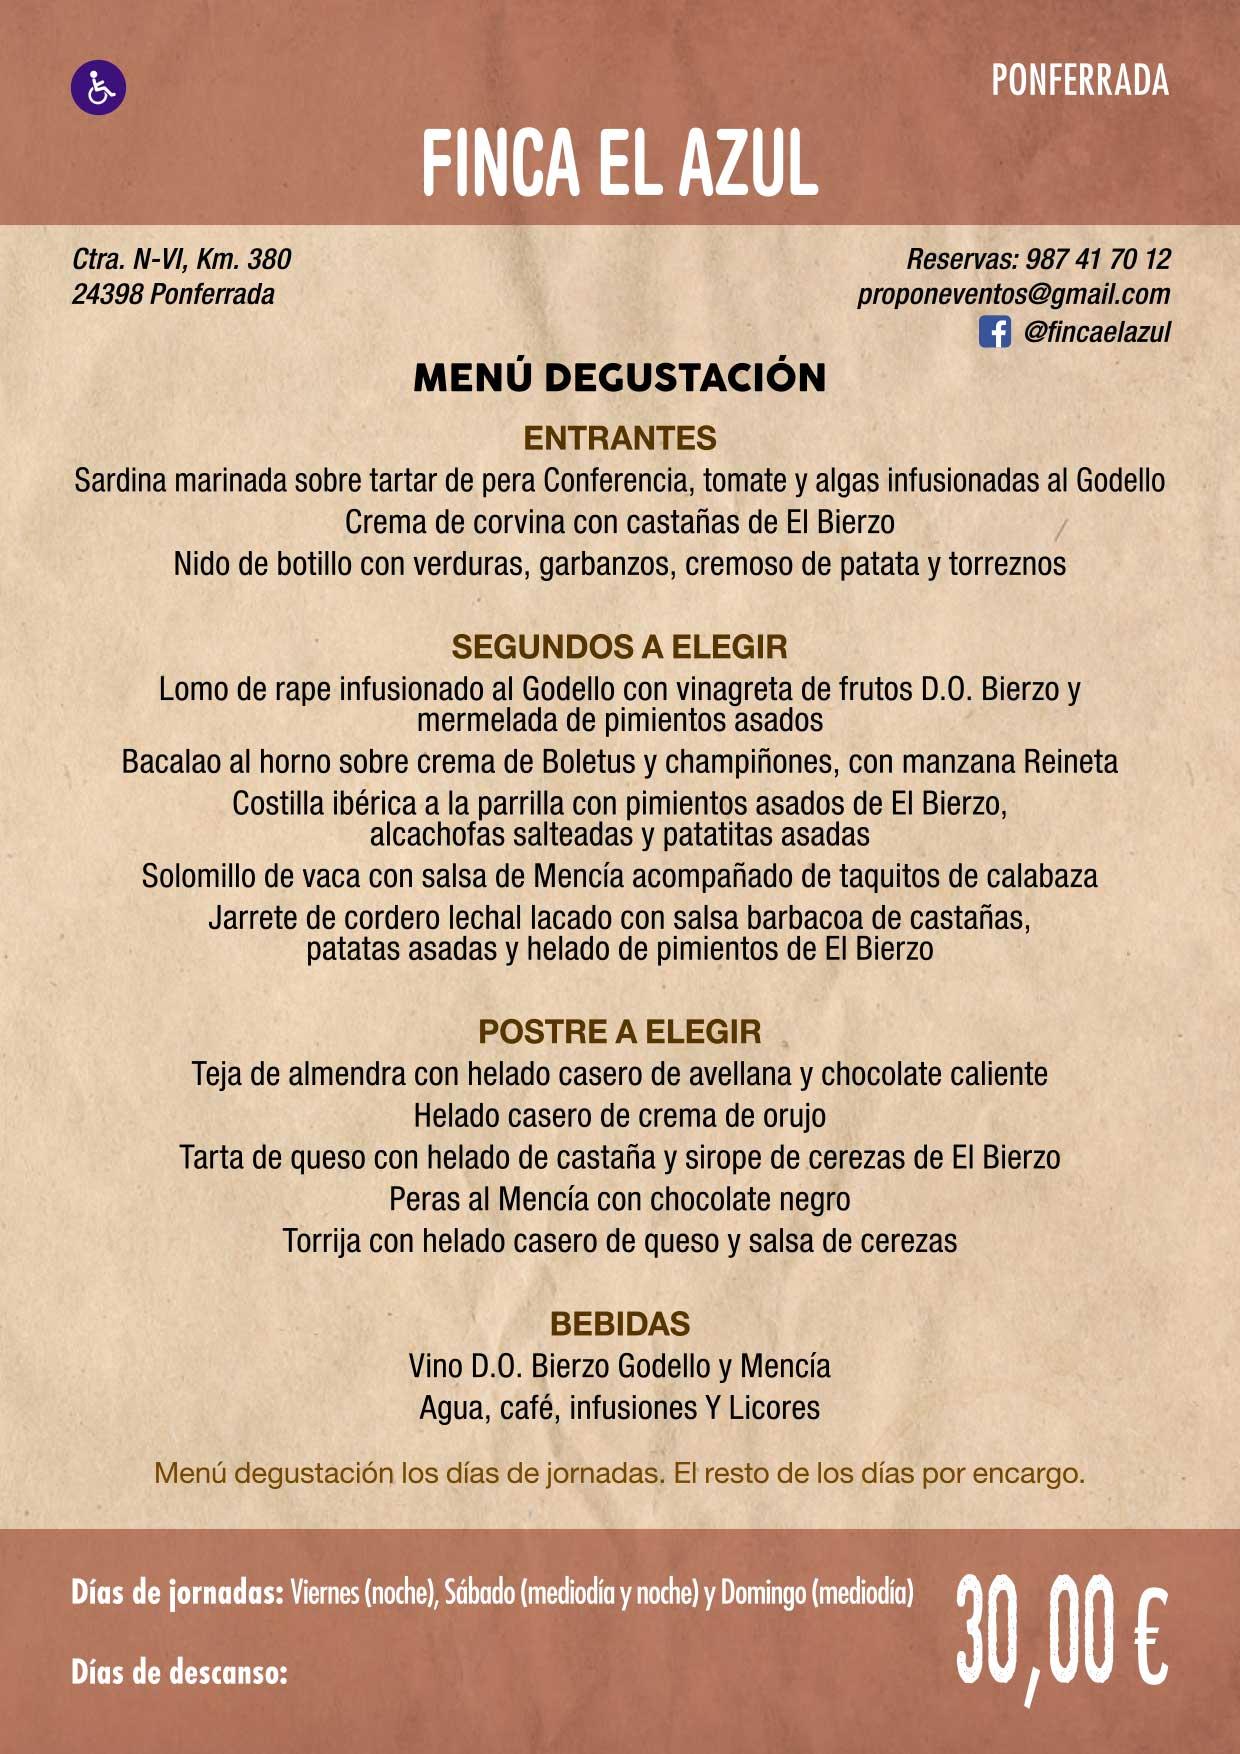 XXXVI Jornadas Gastronómicas De El Bierzo 2020. Consulta los restaurantes y menús 17